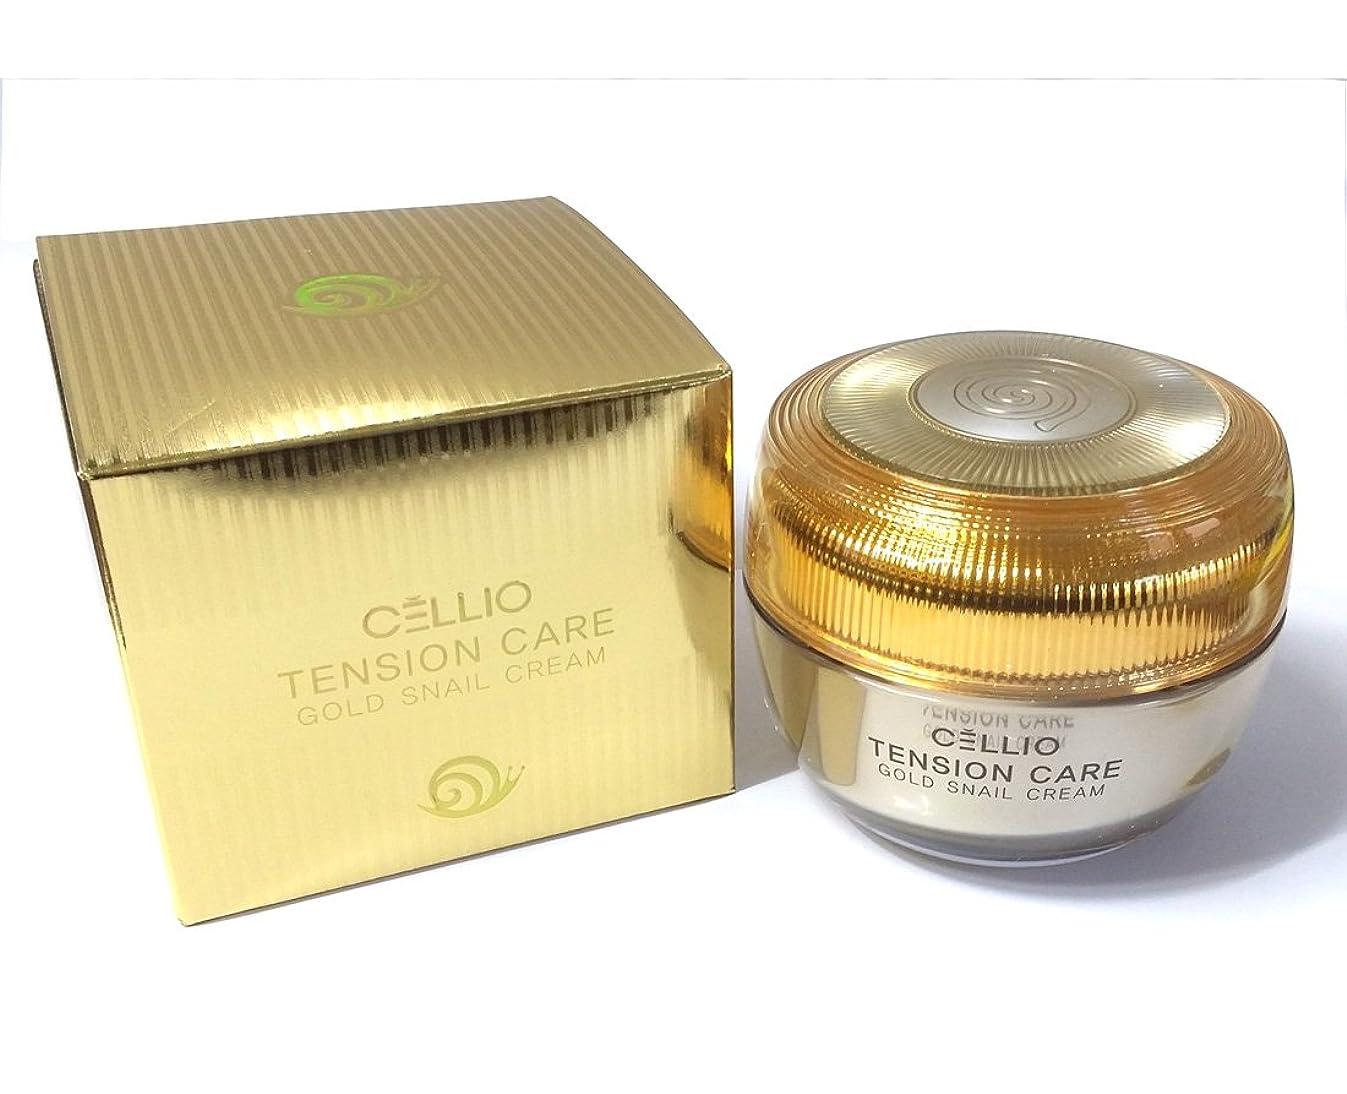 ターミナル塊祭り[Cellio] テンションケアゴールドカタツムリクリーム50ml / カタツムリ粘液 / リニューアル、弾力 / Tension care gold snail cream 50ml / Snail mucus / Renewal, elasticity / 韓国化粧品 / Korean Cosmetics [並行輸入品]